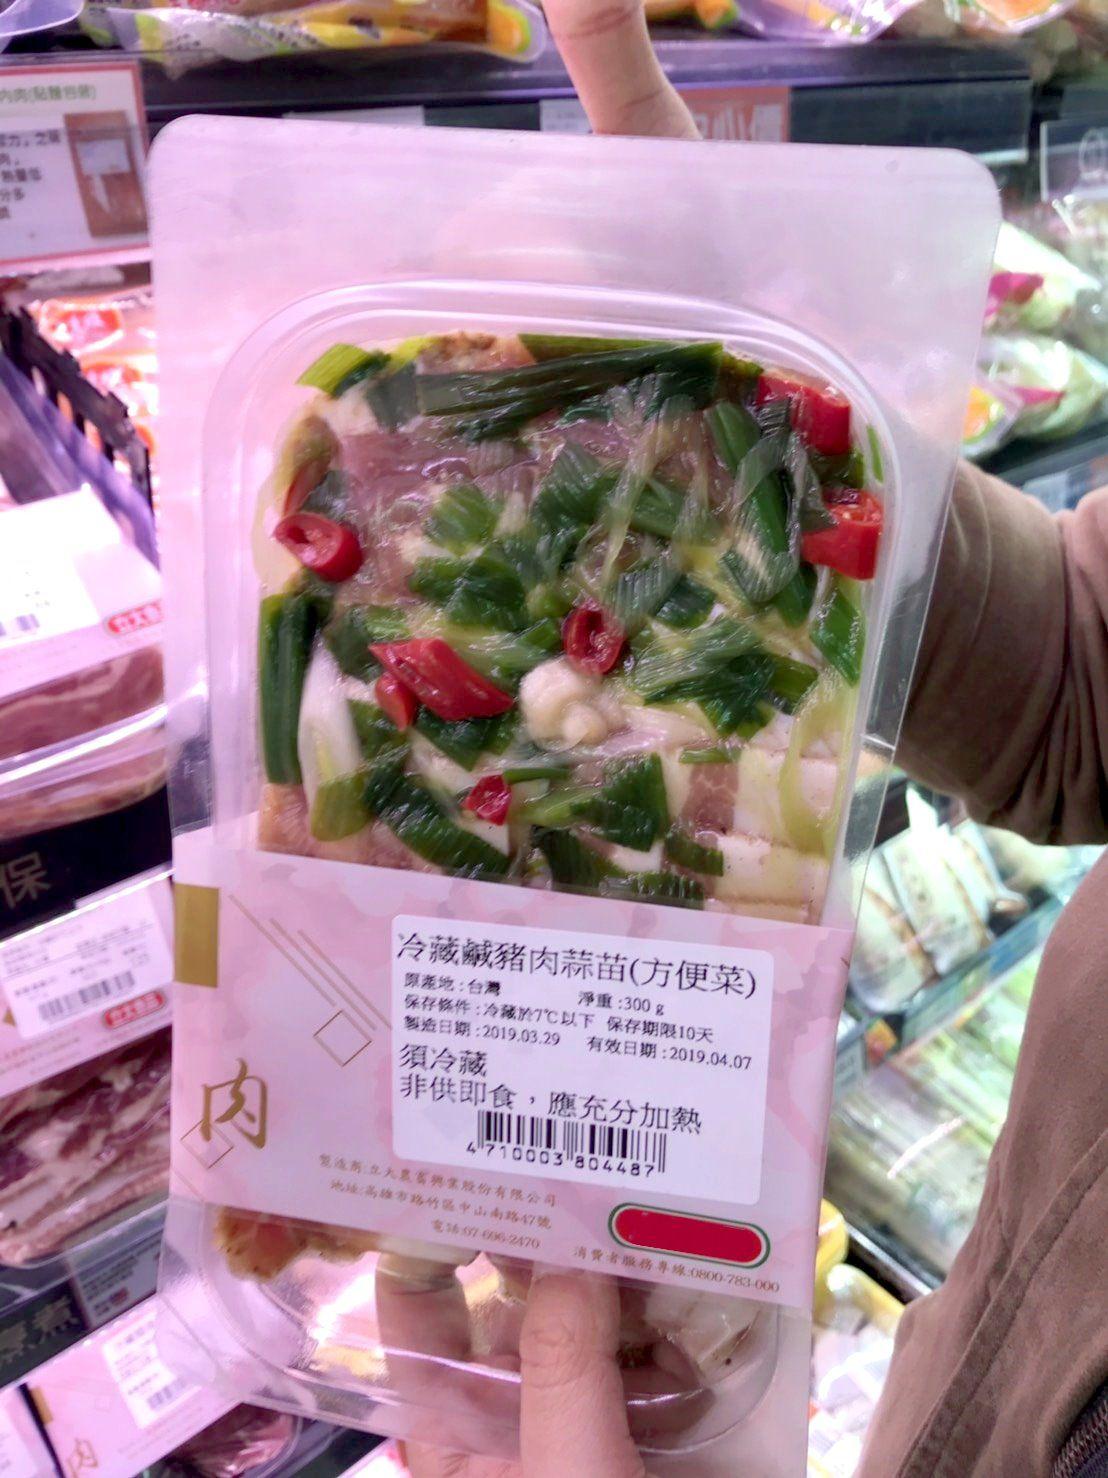 有別於傳統的包裝方式,貼體包裝不僅保留食品原狀不變形、增加其美觀度,更能延長食品的保存期限。